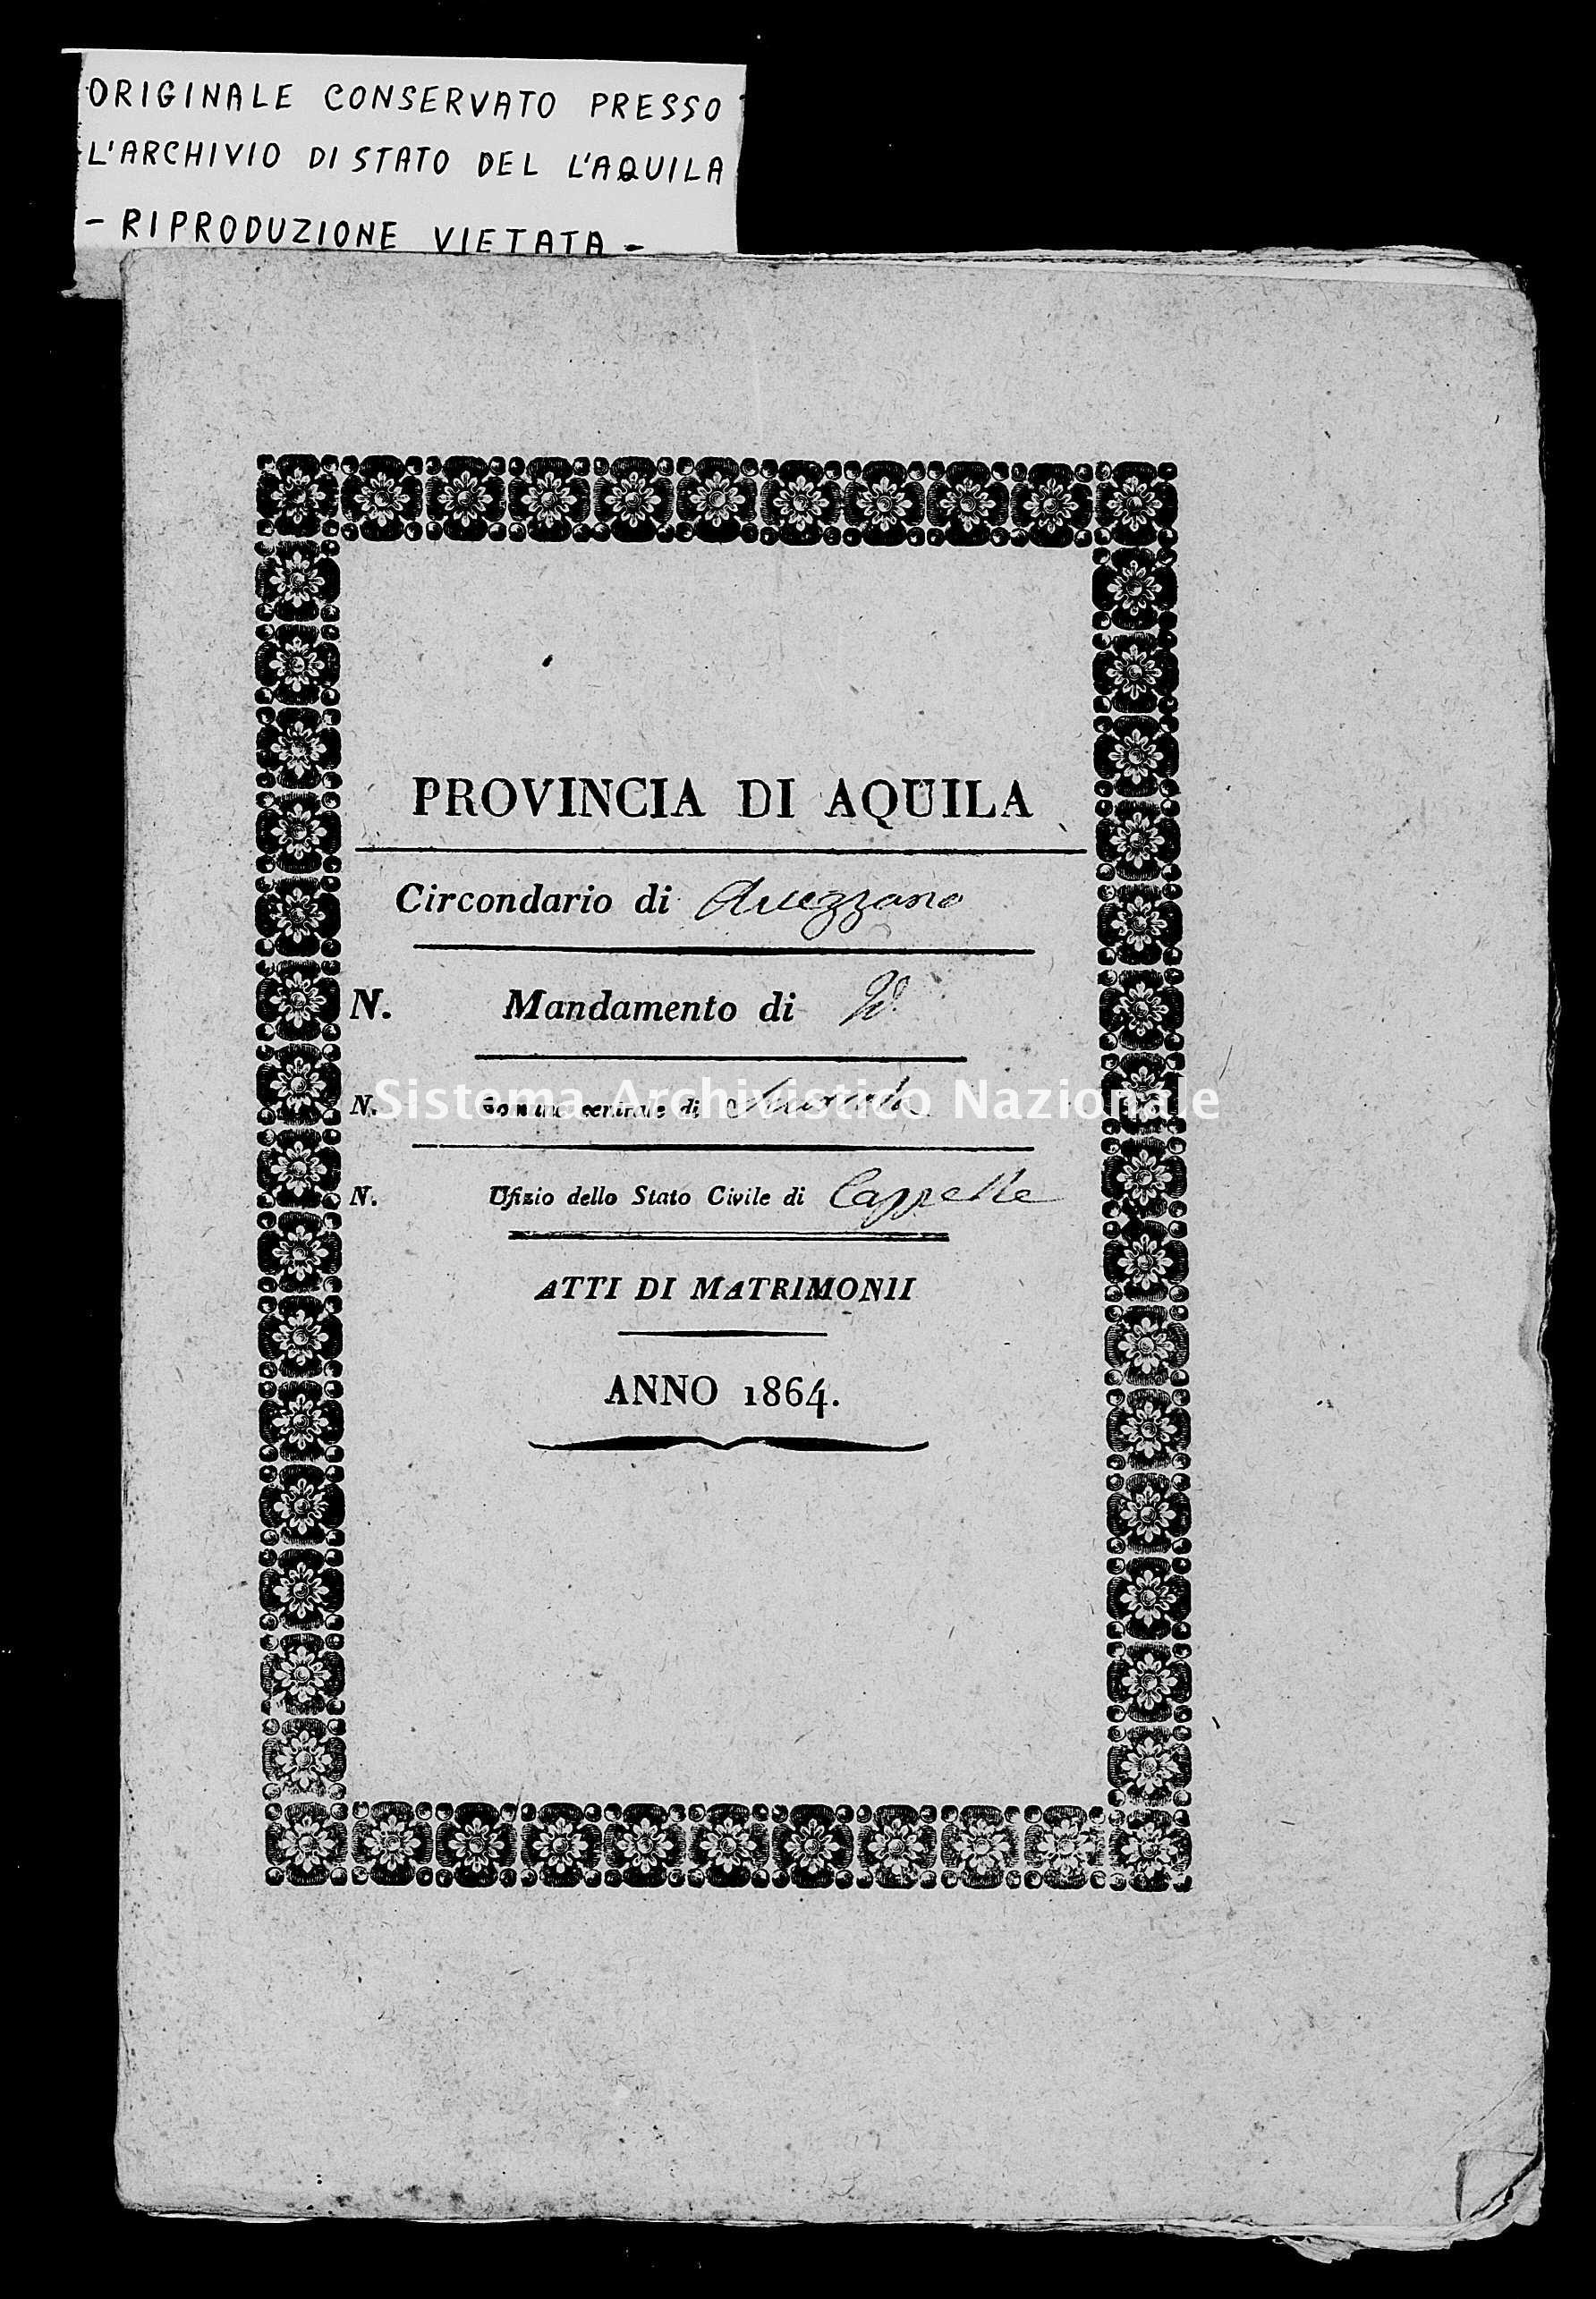 Archivio di stato di L'aquila - Stato civile italiano - Cappelle de' Marsi - Matrimoni - 1864 -